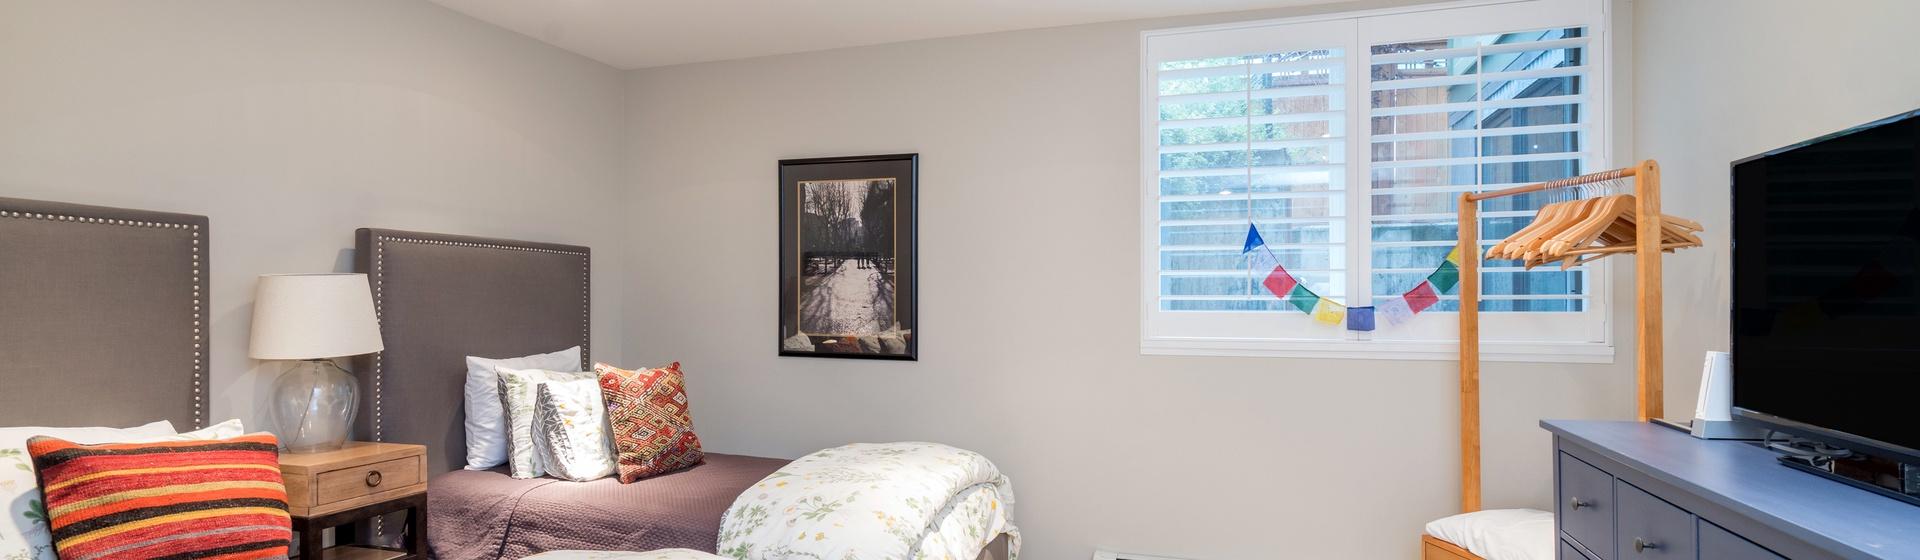 14-Telluride-Ajax-Downstairs-Guest-Bedroom-Split-Web.jpg